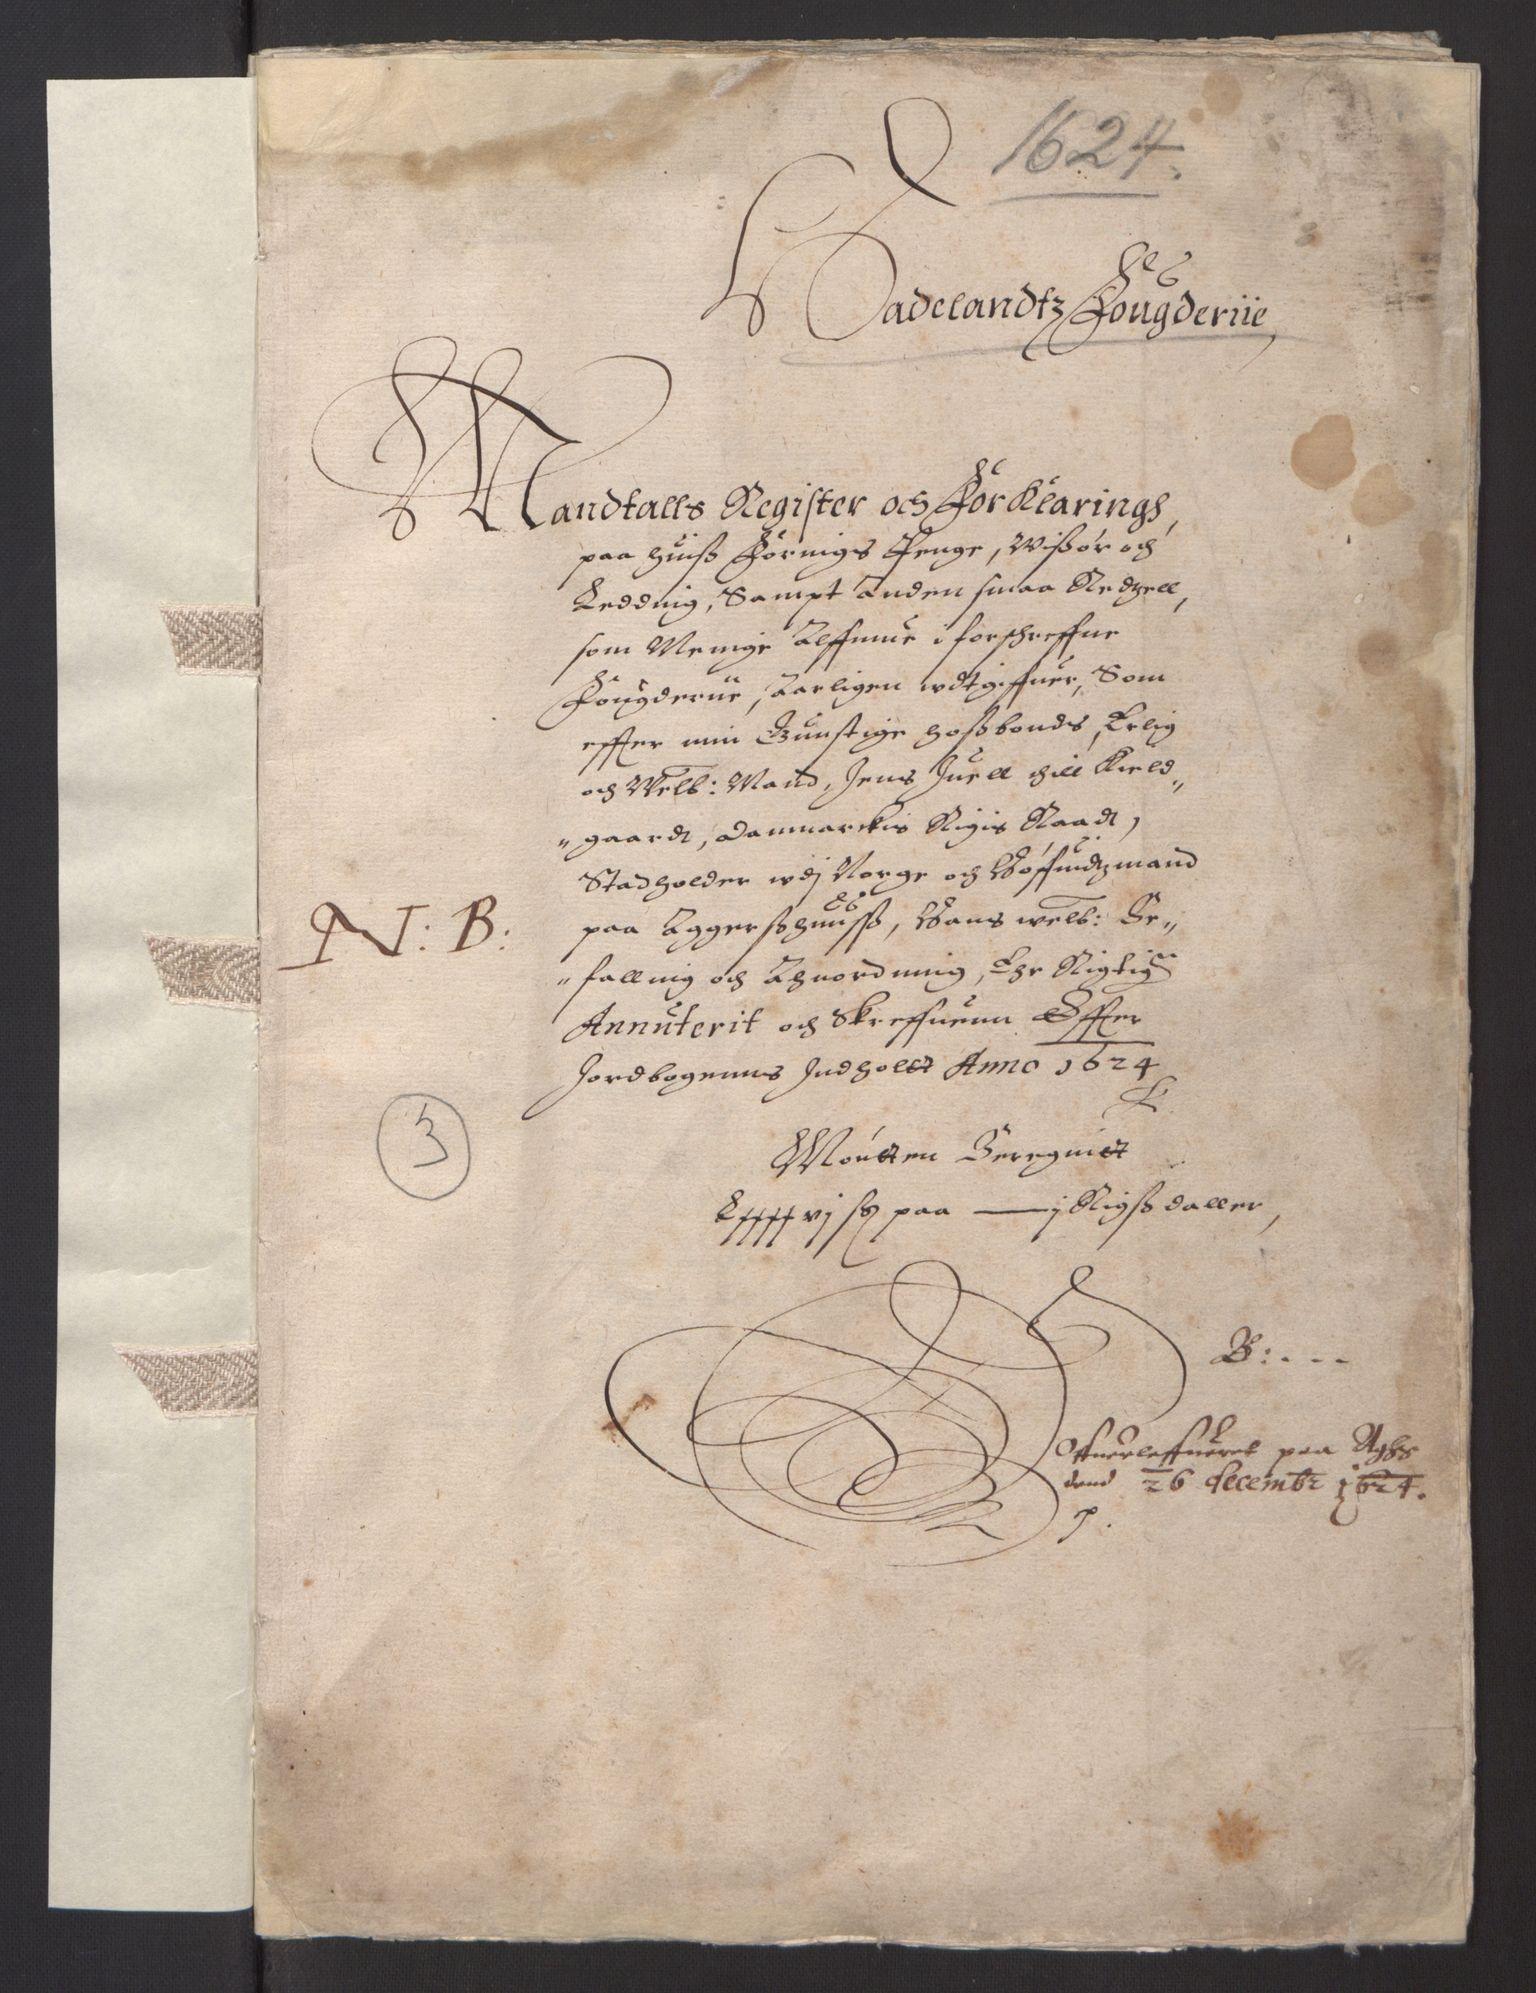 RA, Stattholderembetet 1572-1771, Ek/L0001: Jordebøker før 1624 og til utligning av garnisonsskatt 1624-1626:, 1624-1625, s. 67